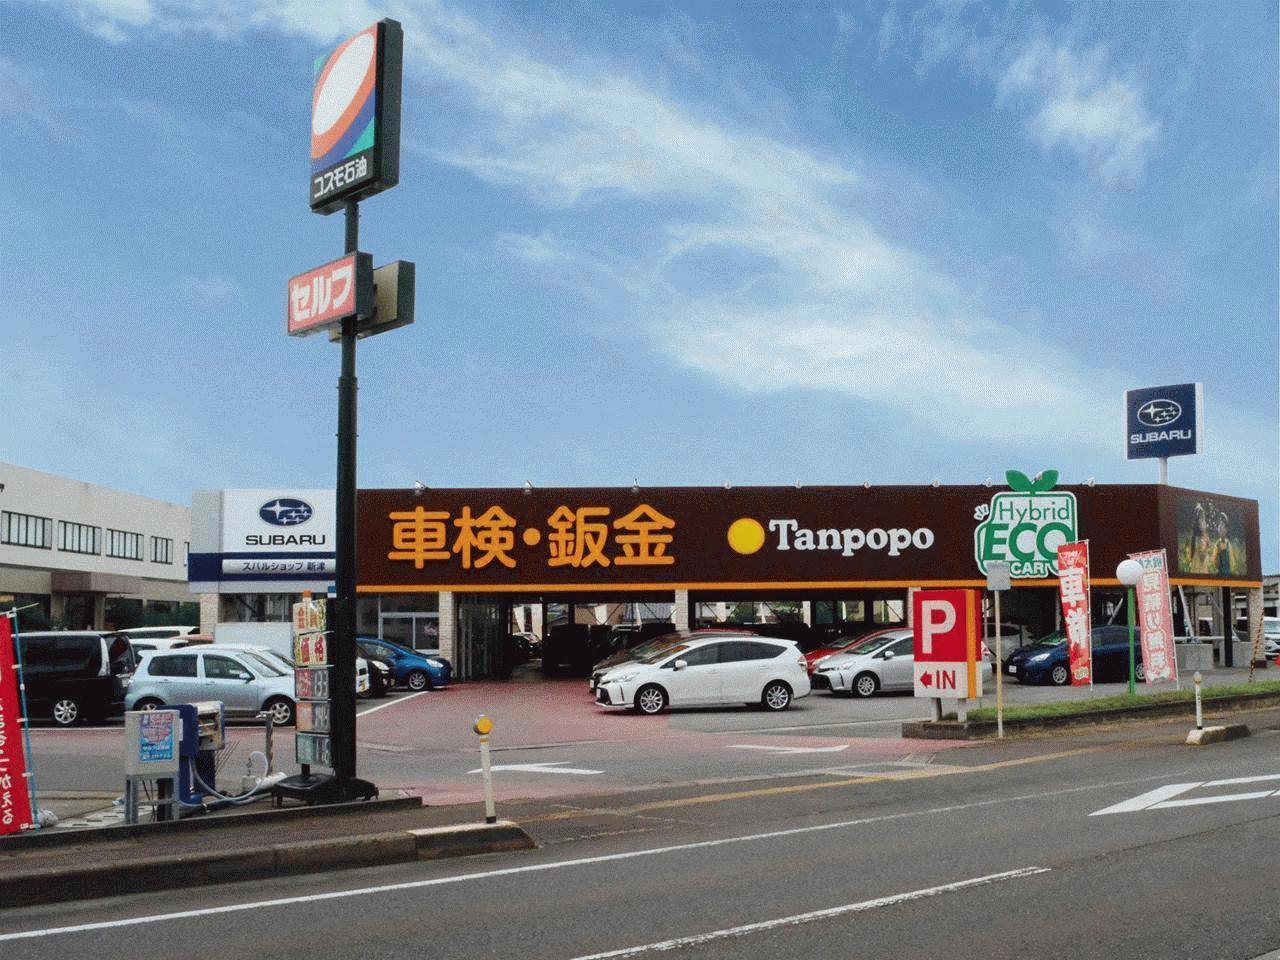 ビックカードーム タンポポ  (株)川内自動車